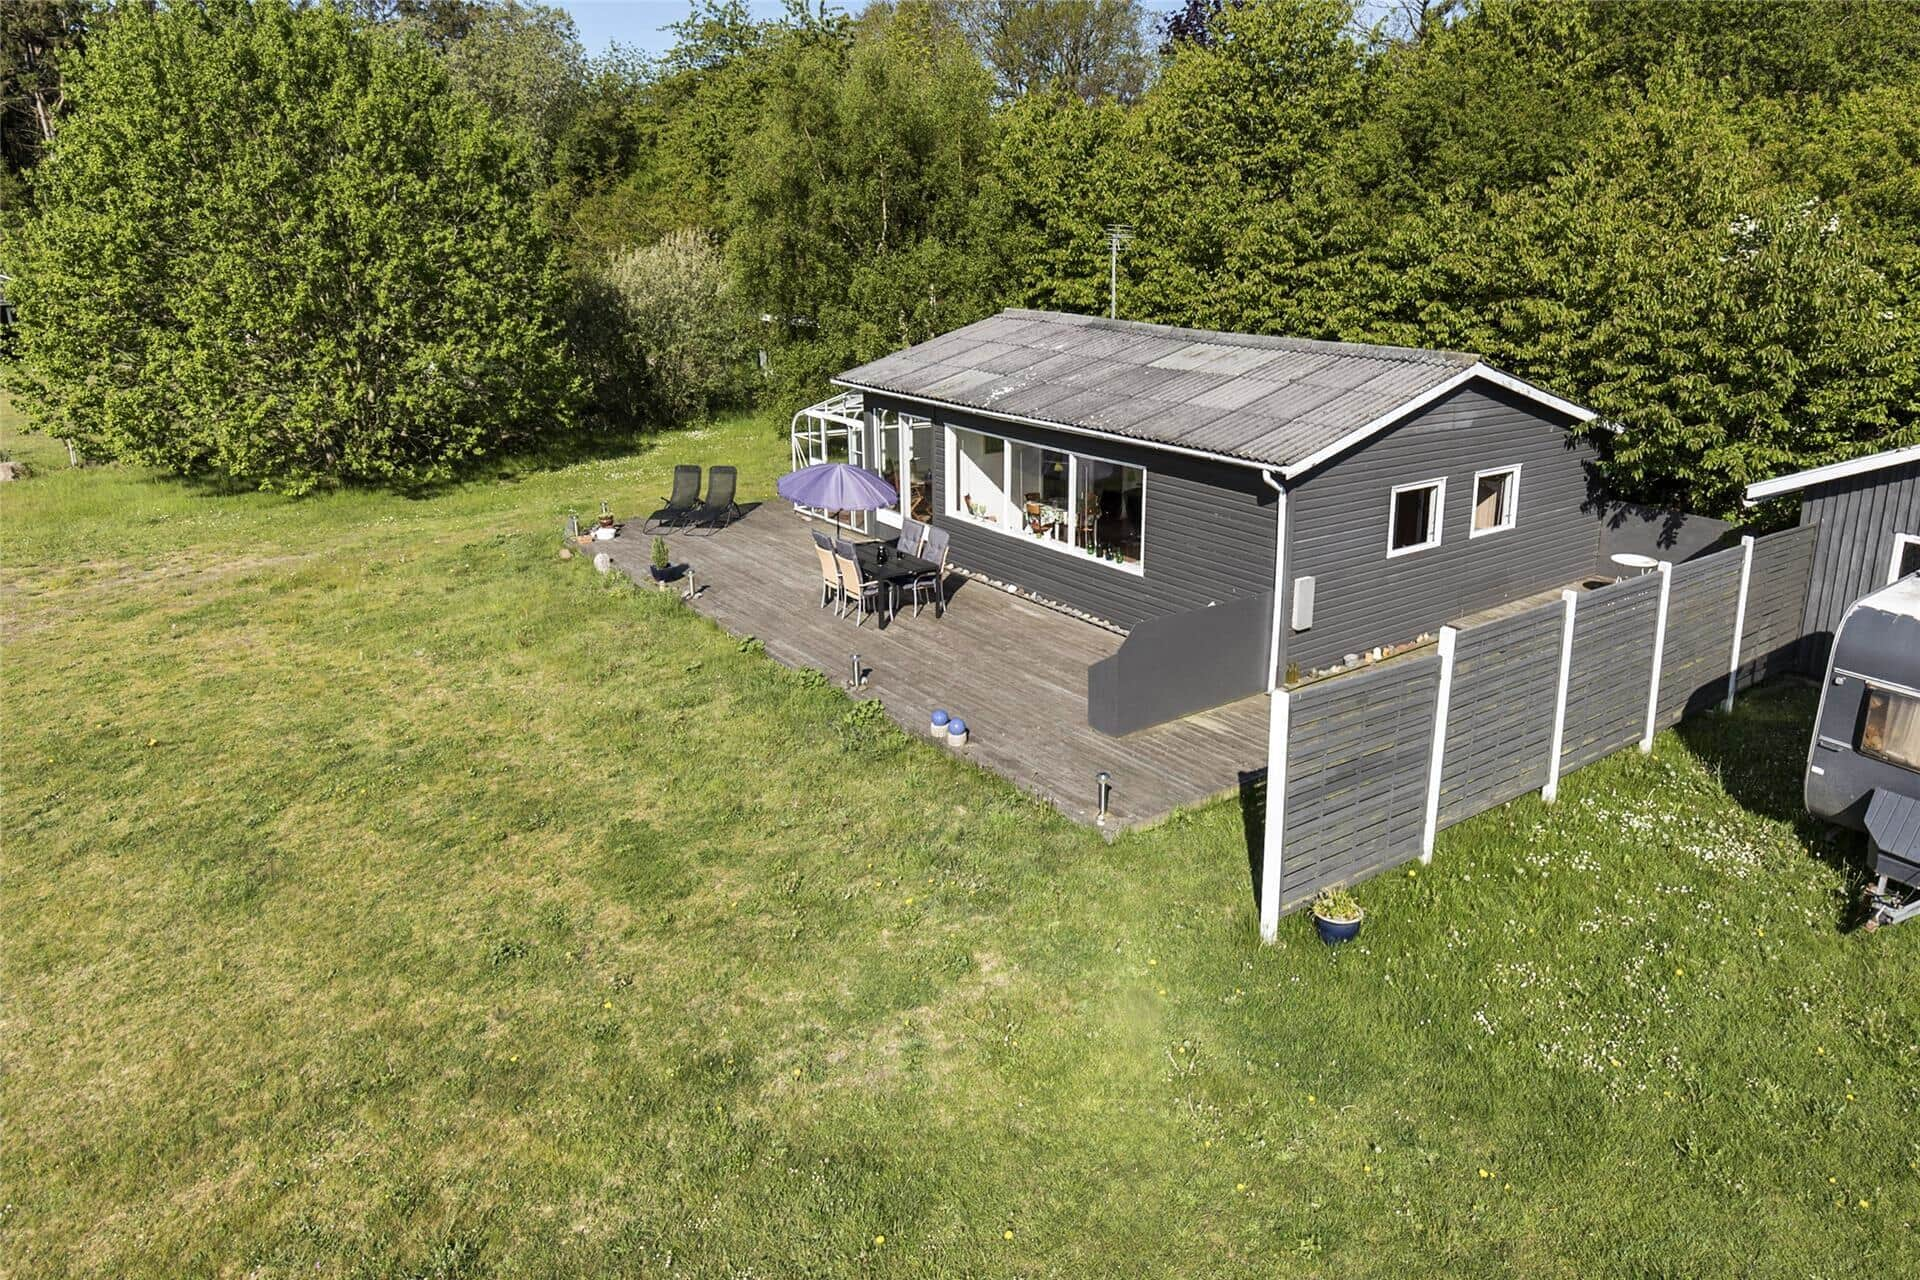 Afbeelding 1-10 Vakantiehuis 6512, Toftegårdsvej 20, DK - 3790 Hasle